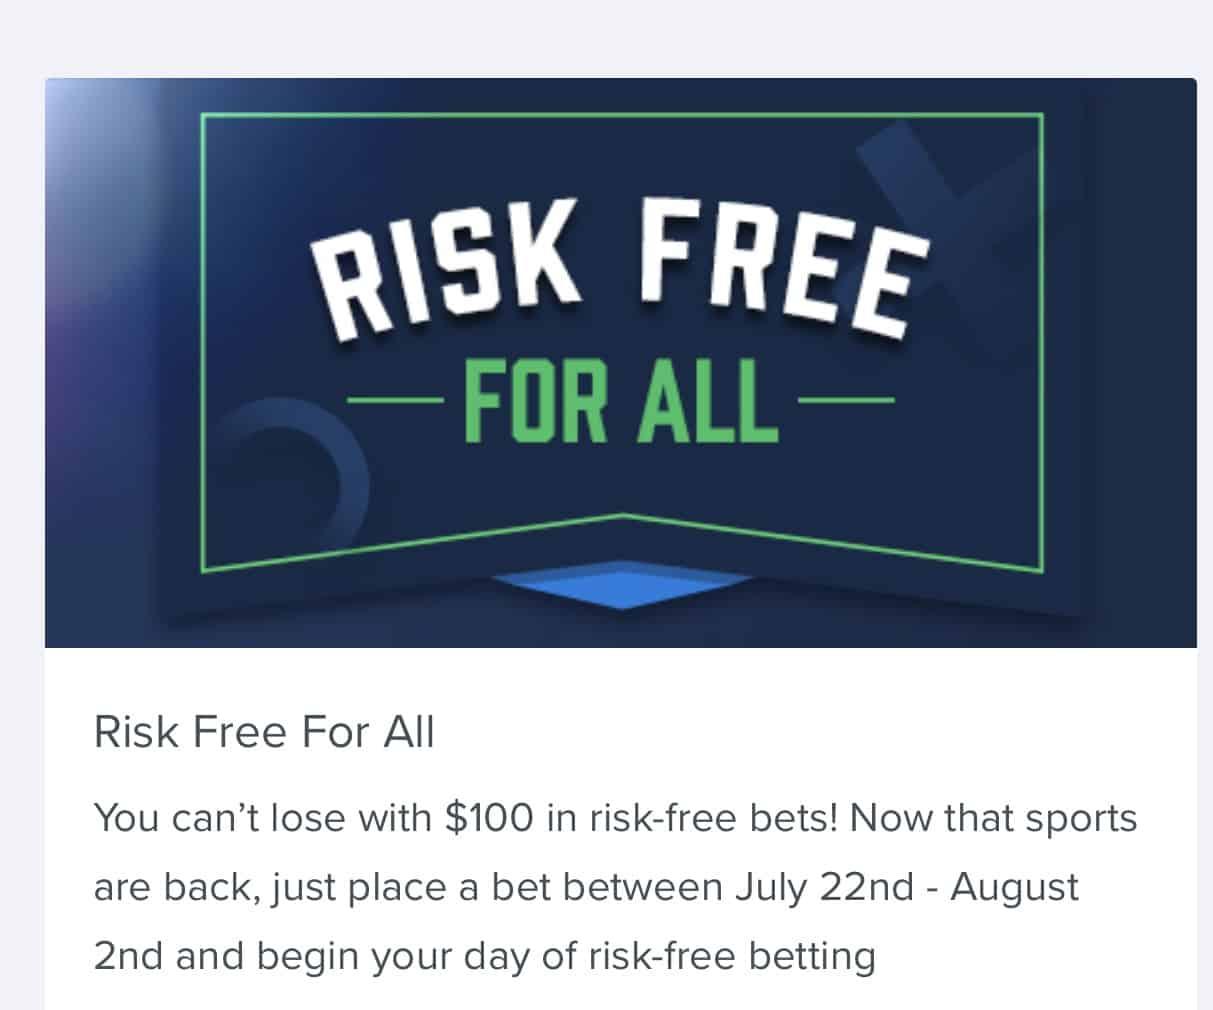 fanduel sportsbook $100 risk free offer